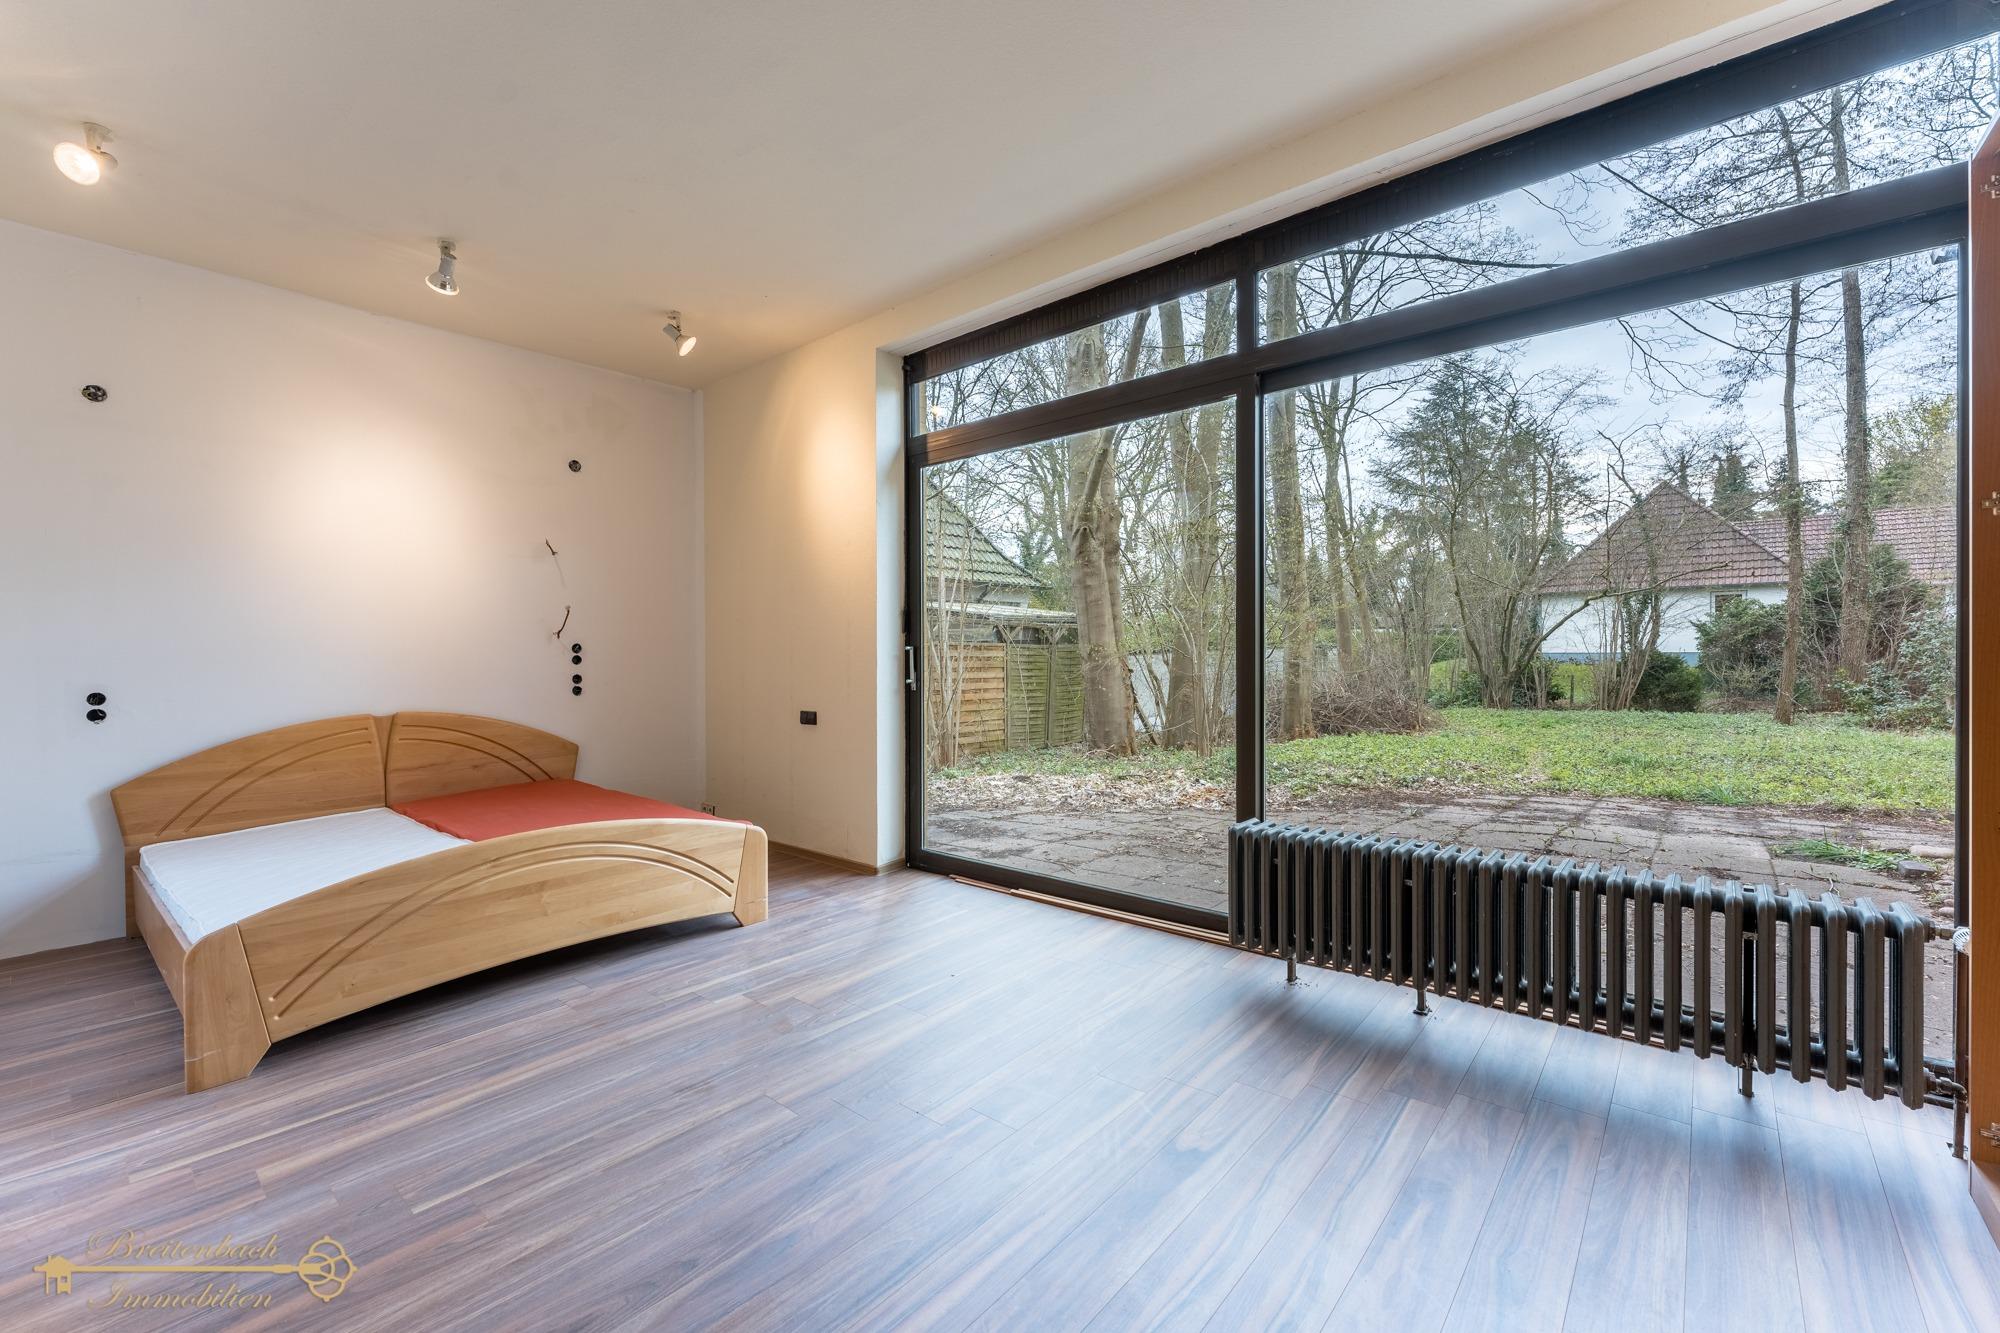 2021-04-08-Breitenbach-Immobilien-Makler-Bremen-10